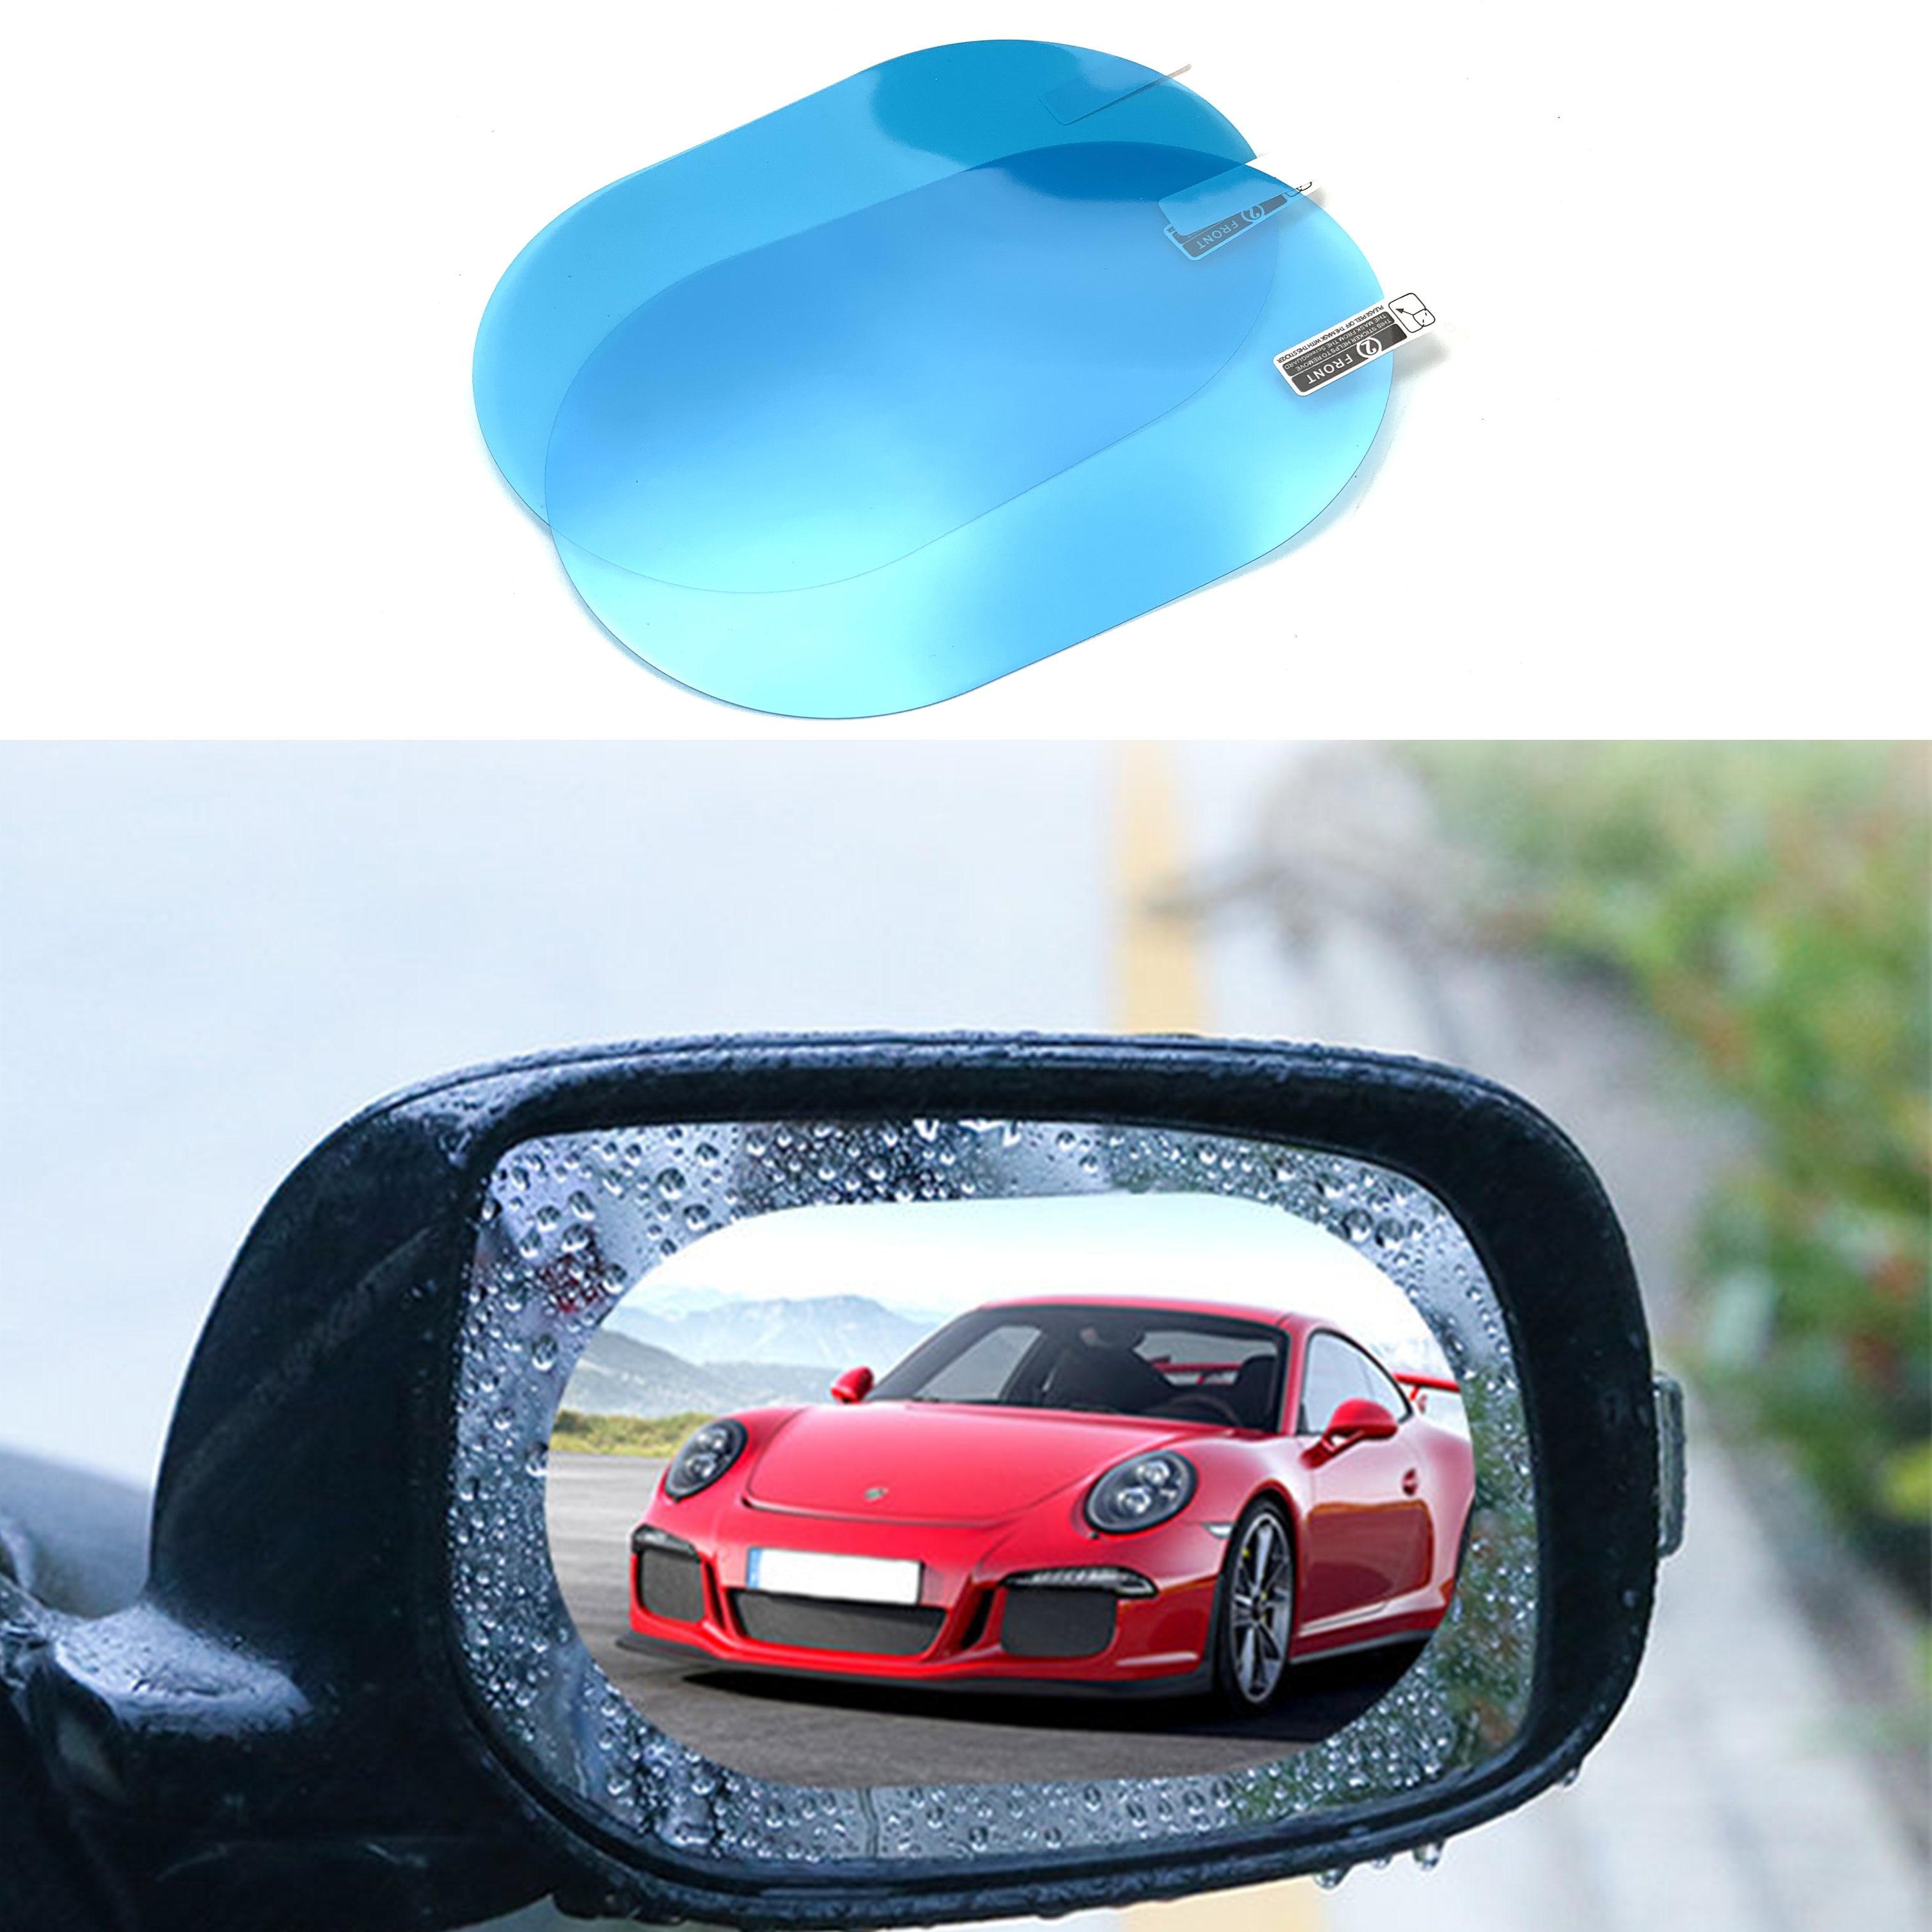 2 pçs espelho retrovisor do carro à prova dwaterproof água anti-nevoeiro filme para mitsubishi asx outlander lancer colt evolução pajero eclipse cruz grandi